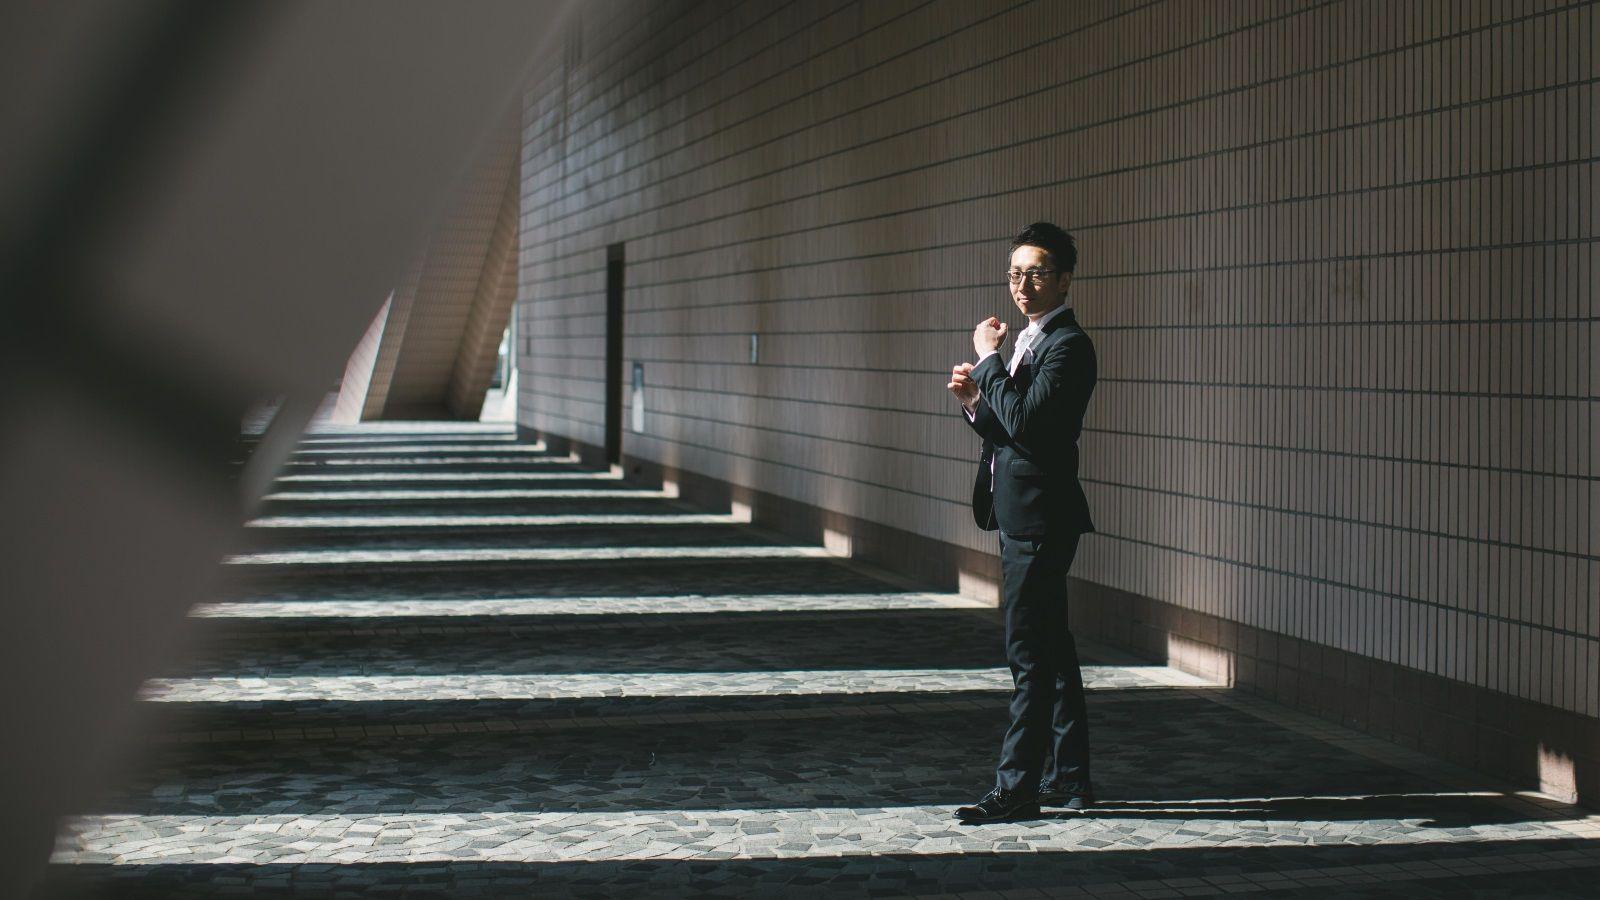 صناعة الولاء.. 5 أسرار لقيادة شركة ناجحة